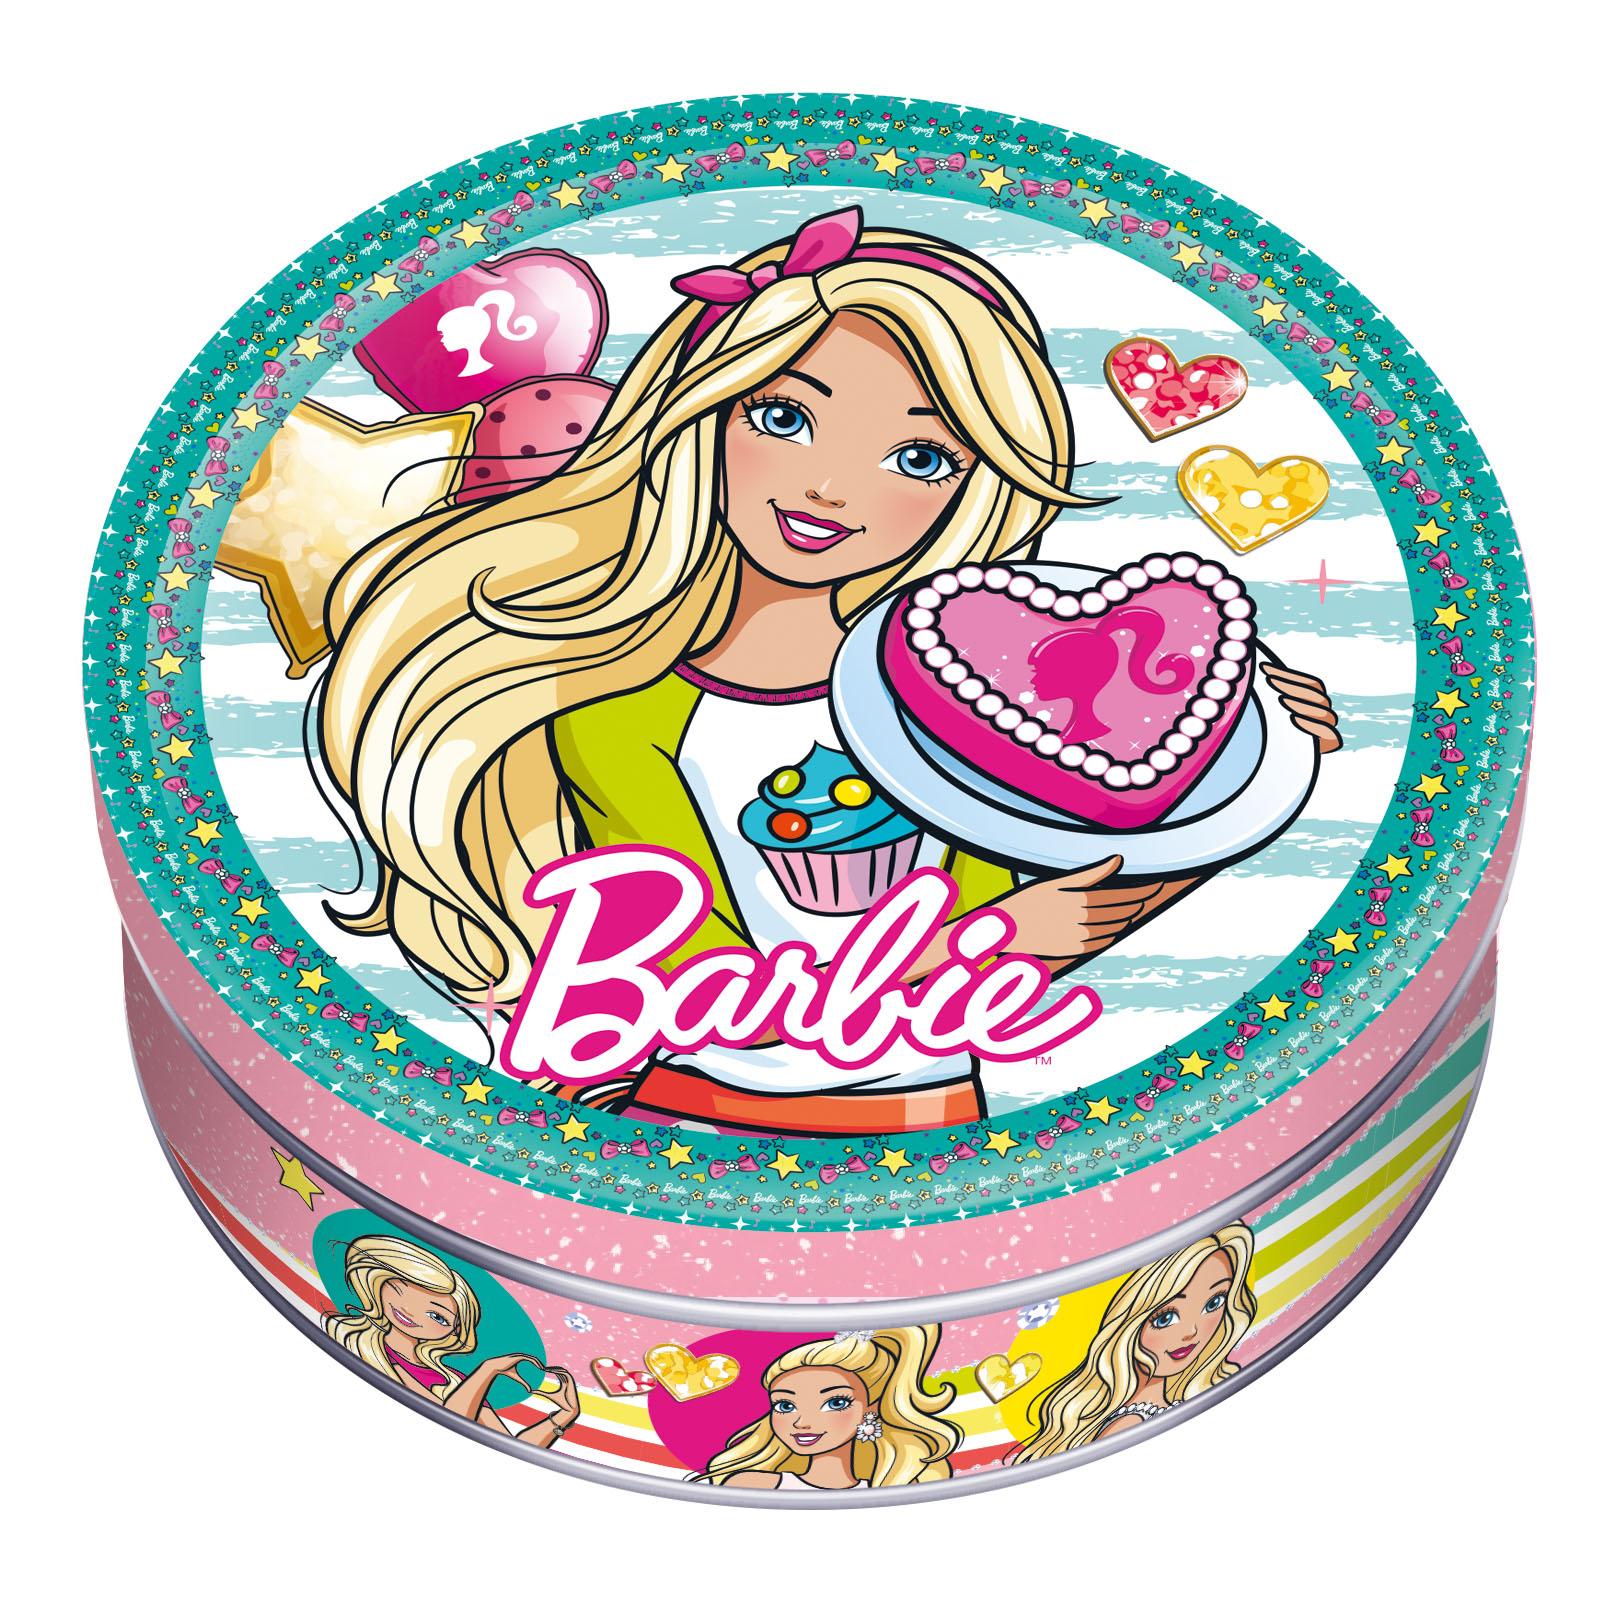 Barbie печенье сдобное с шоколадом, 150 гMC-6-4/BAПеченье в яркой подарочной банке с изображением всемирно известной Барби не оставит равнодушной ни одну девочку. А поклонниц у этой героини – миллионы, причем в самых разных возрастных категориях. Вкусное лакомство, натуральный состав, повторноеУважаемые клиенты! Обращаем ваше внимание на то, что упаковка может иметь несколько видов дизайна. Поставка осуществляется в зависимости от наличия на складе.